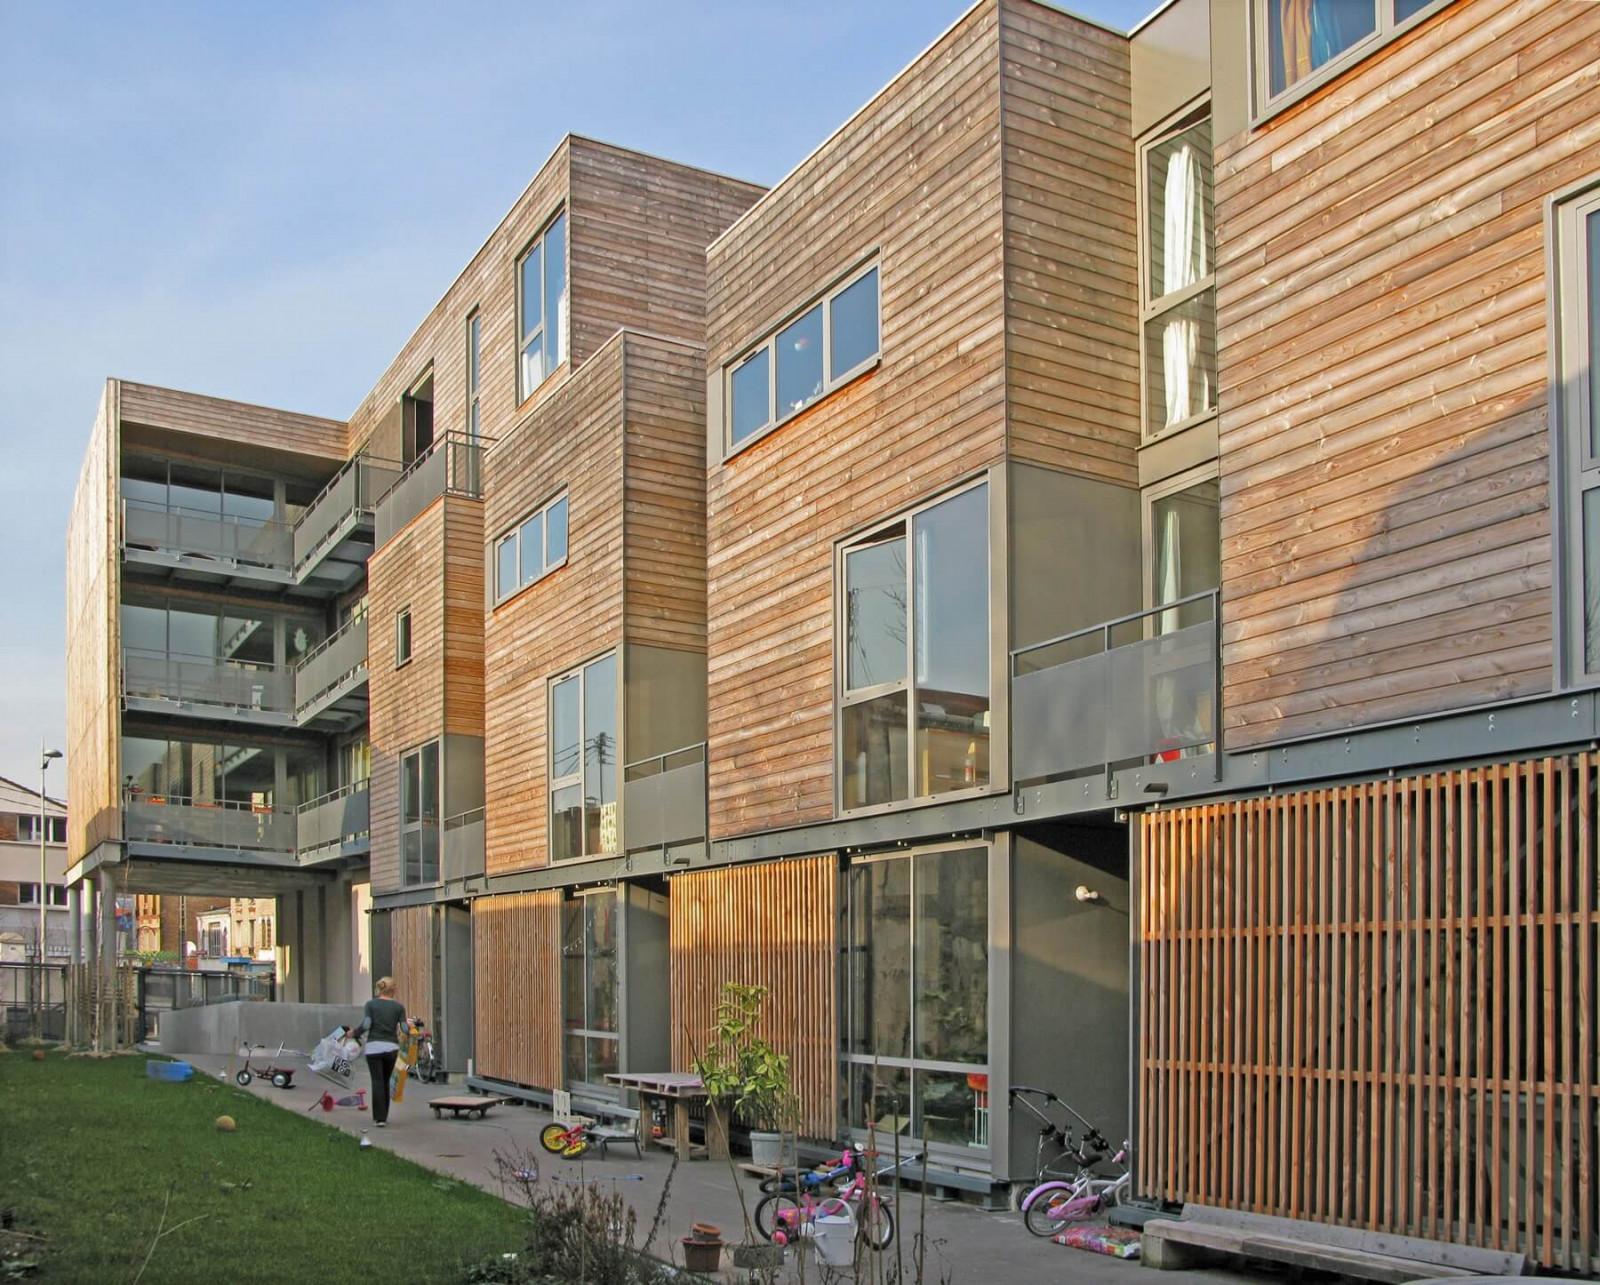 graam-diwan-02-logements-montreuil-exterieur-bardage-bois-cour-partagee-jardin